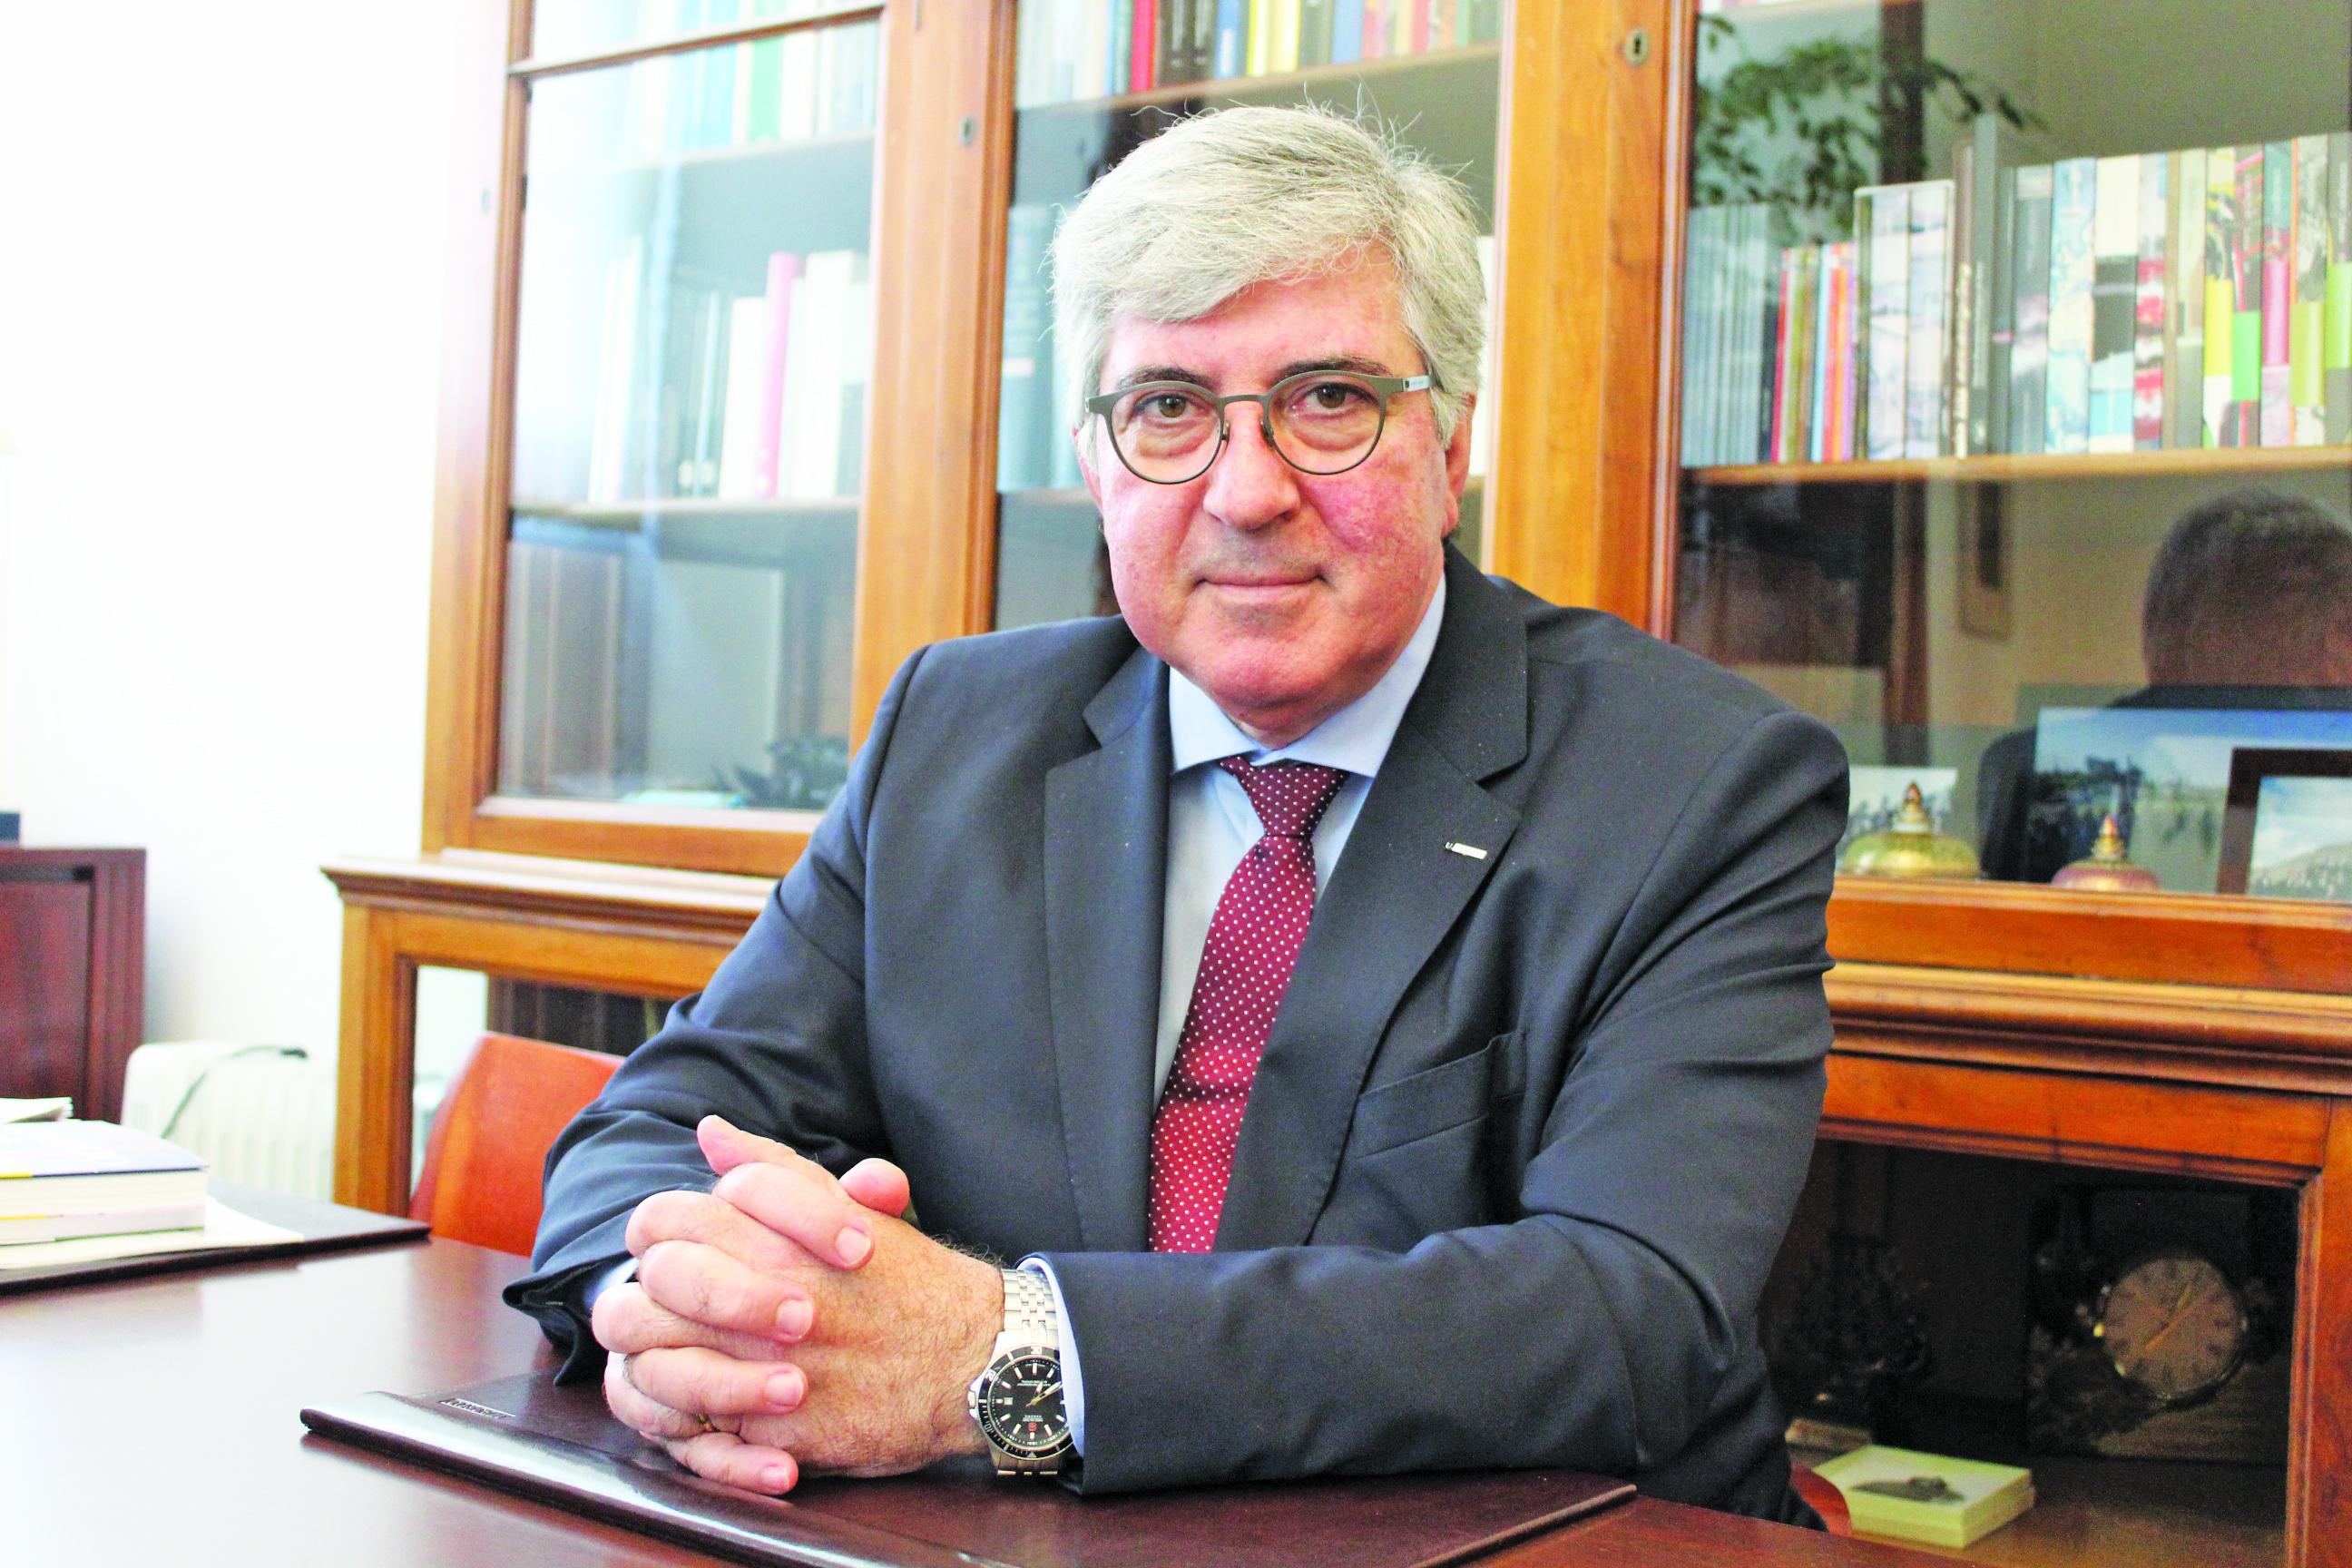 Entrevista António Sousa Pereira - maio 2019